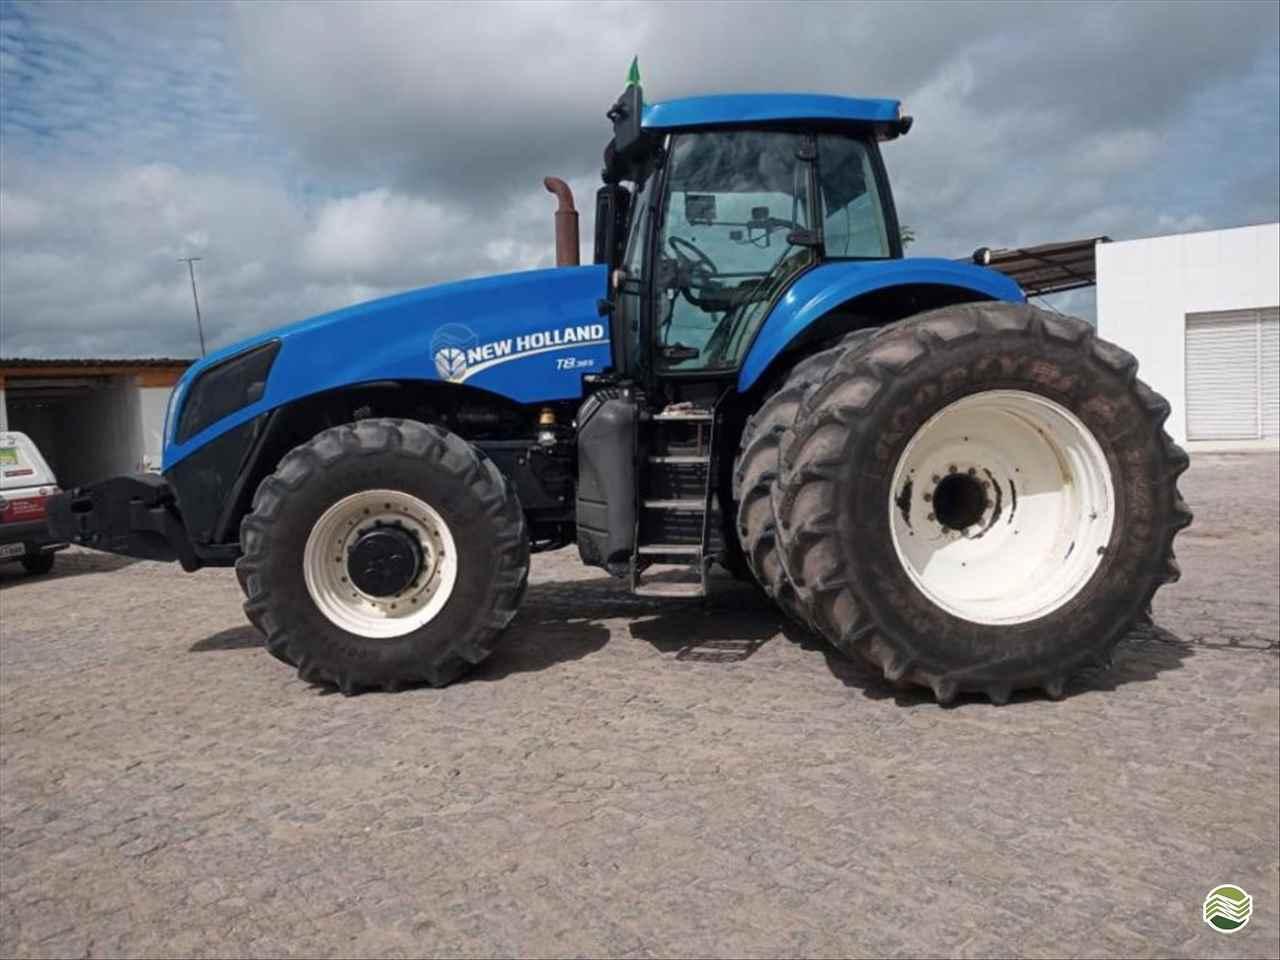 NEW T8 385 de Máquinas Agrícolas Pitanga - PITANGA/PR